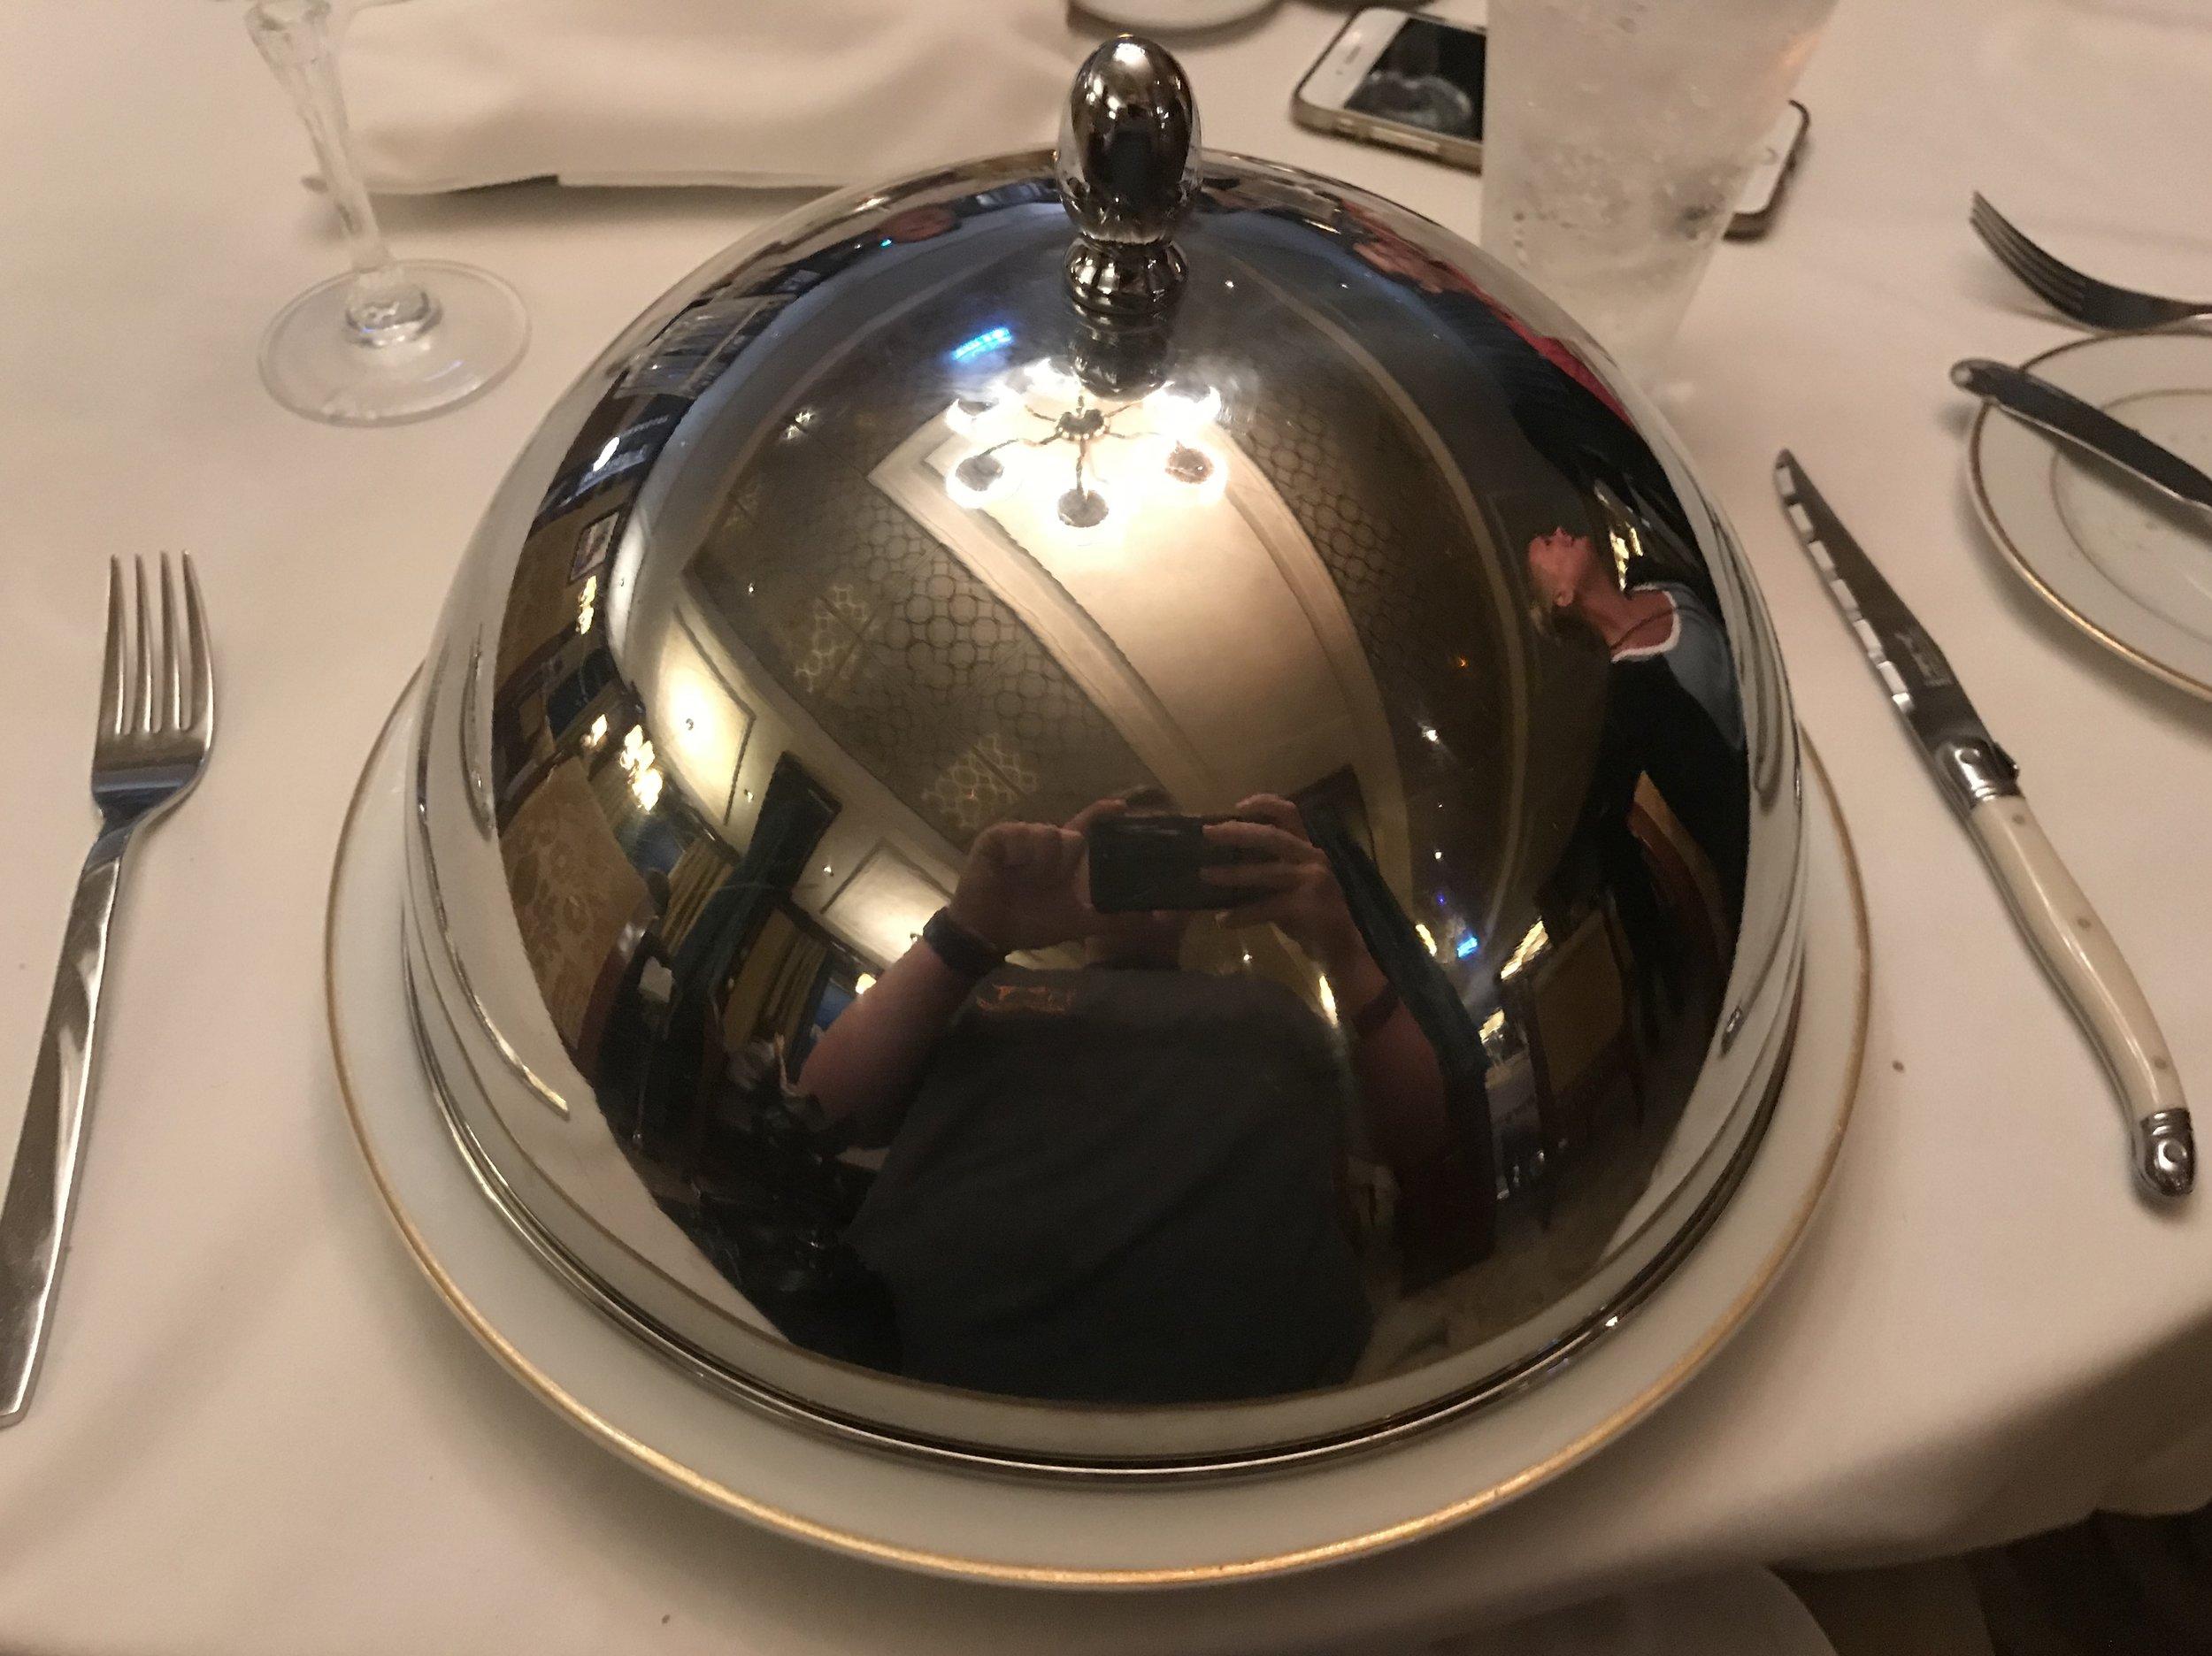 Fancy Dish